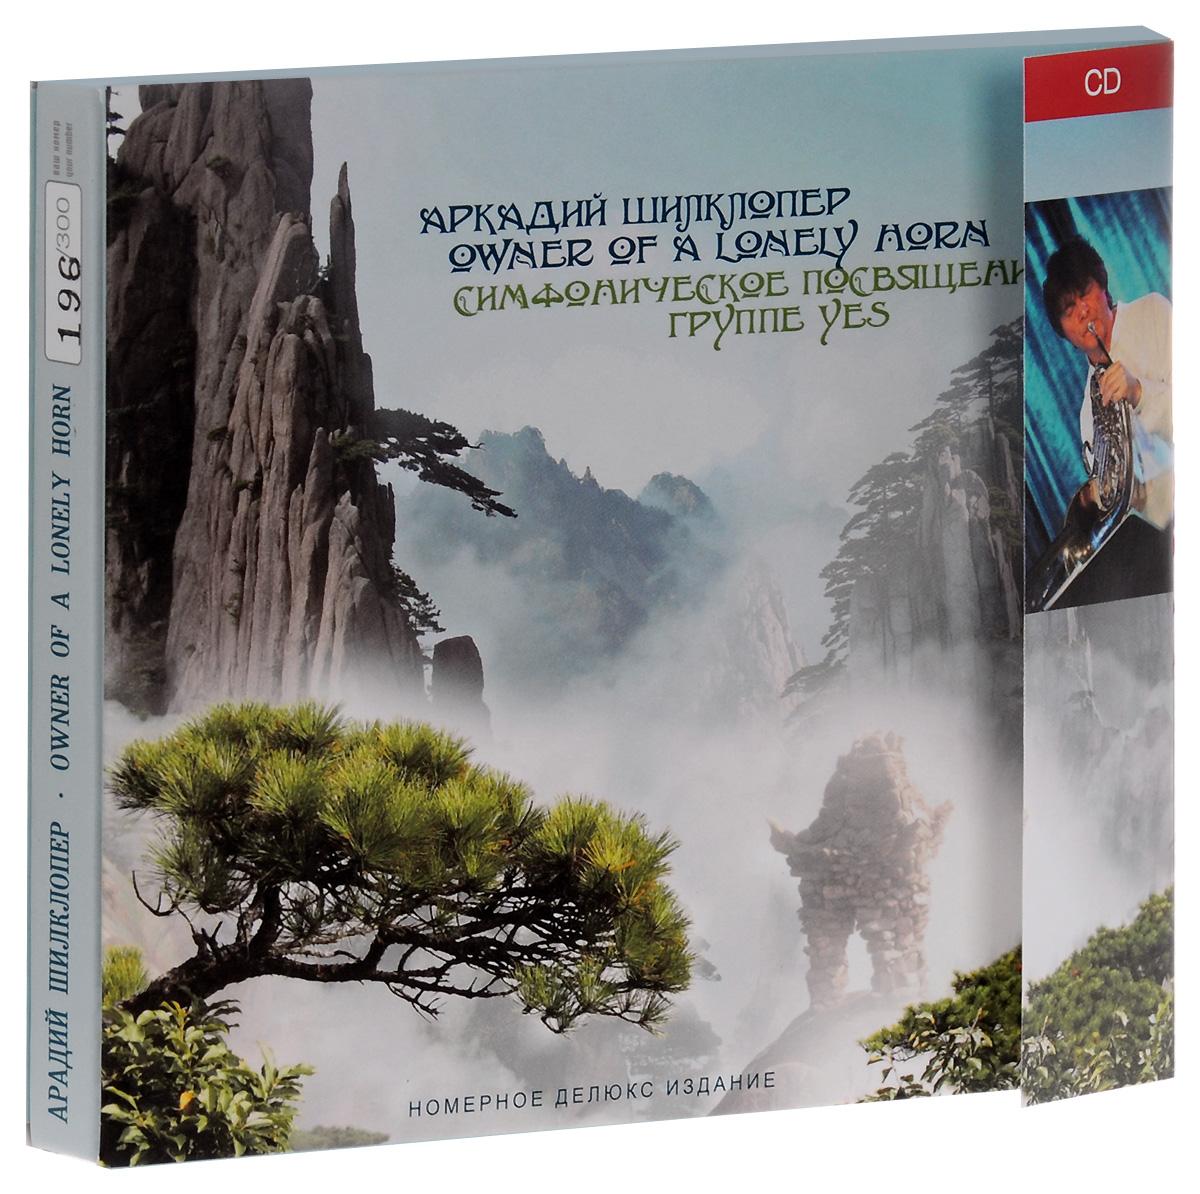 Издание упаковано в картонный DigiPack с 12-страничным буклетом-книгой, закрепленным в середине упаковки. Буклет содержит фотографии и дополнительную информацию на русском языке.